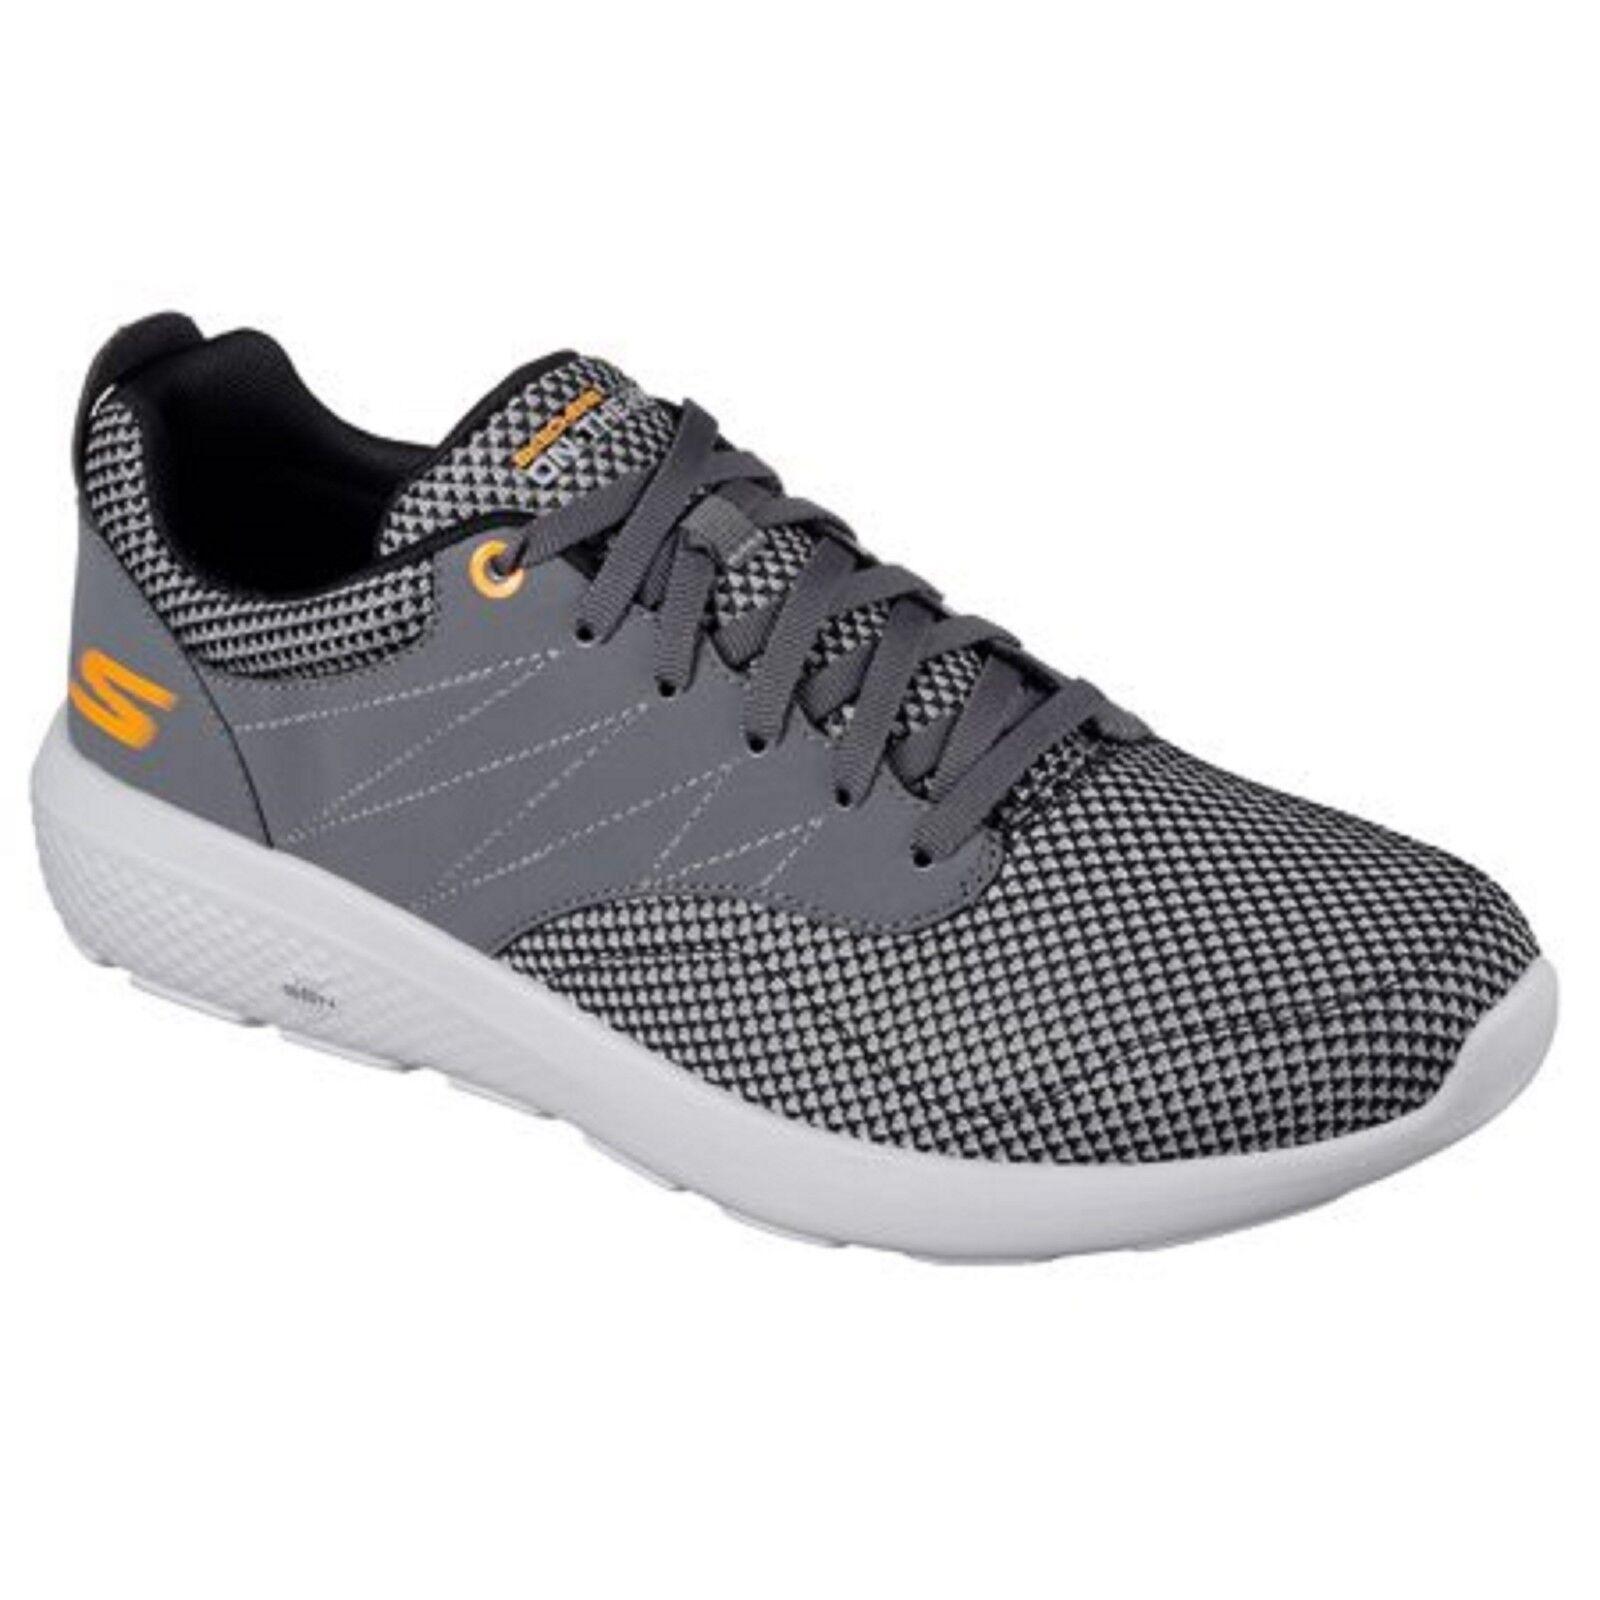 New Men's Skechers 54307 Go Walk City 2 Enzo Sneakers - Gray/Orange Comfortable Wild casual shoes